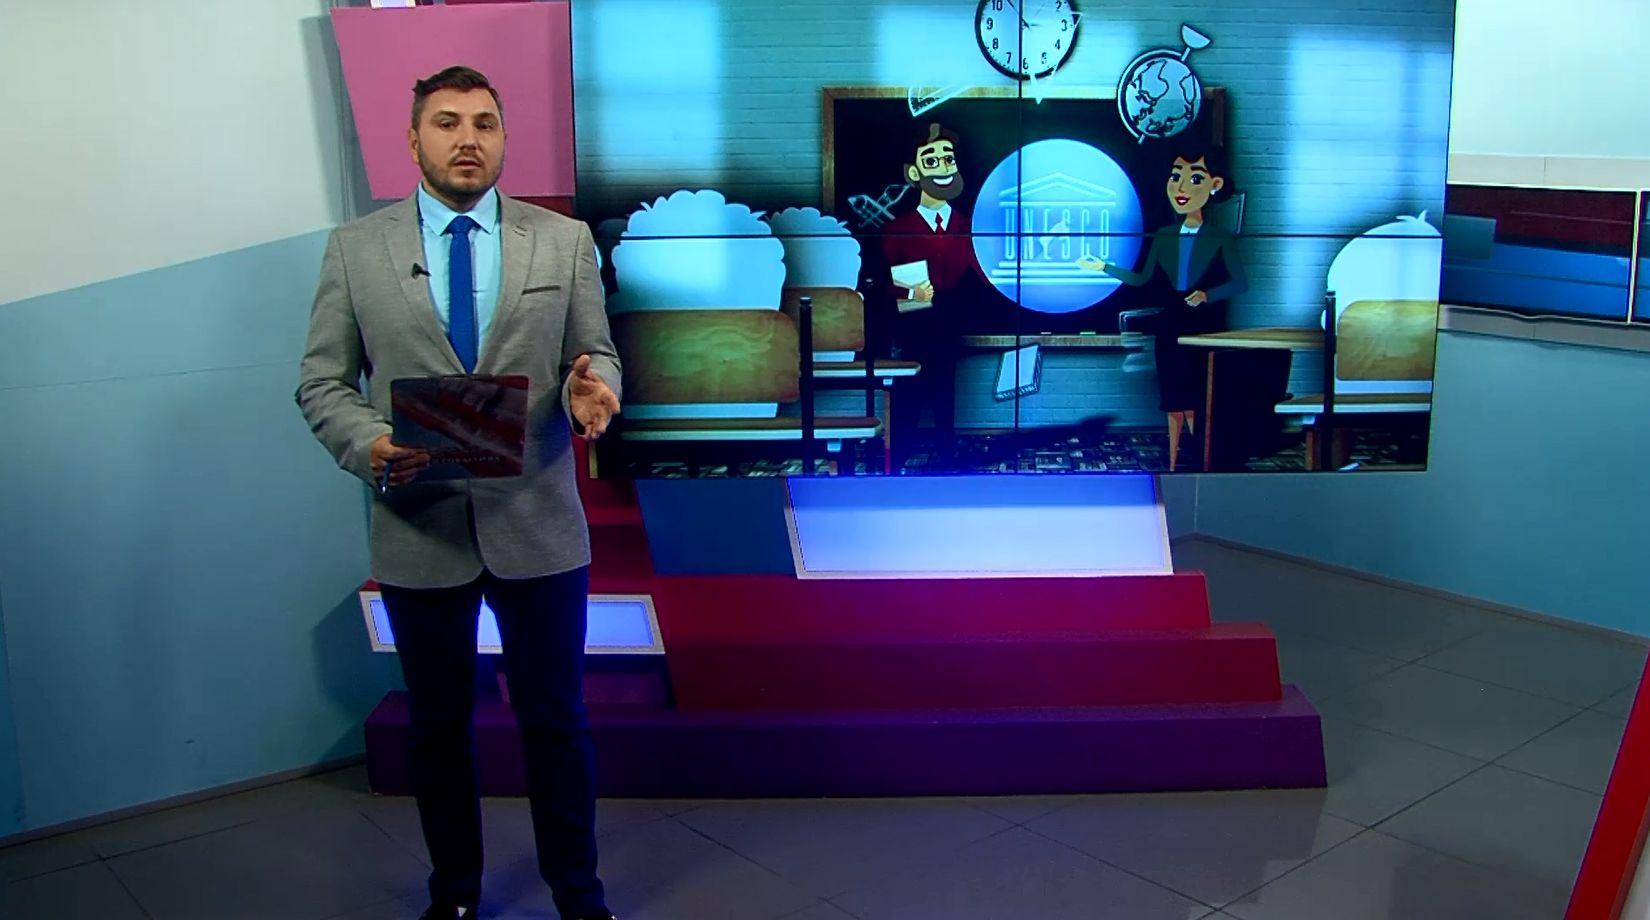 В Ярославле отметили День учителя – какова история появления этого праздника?